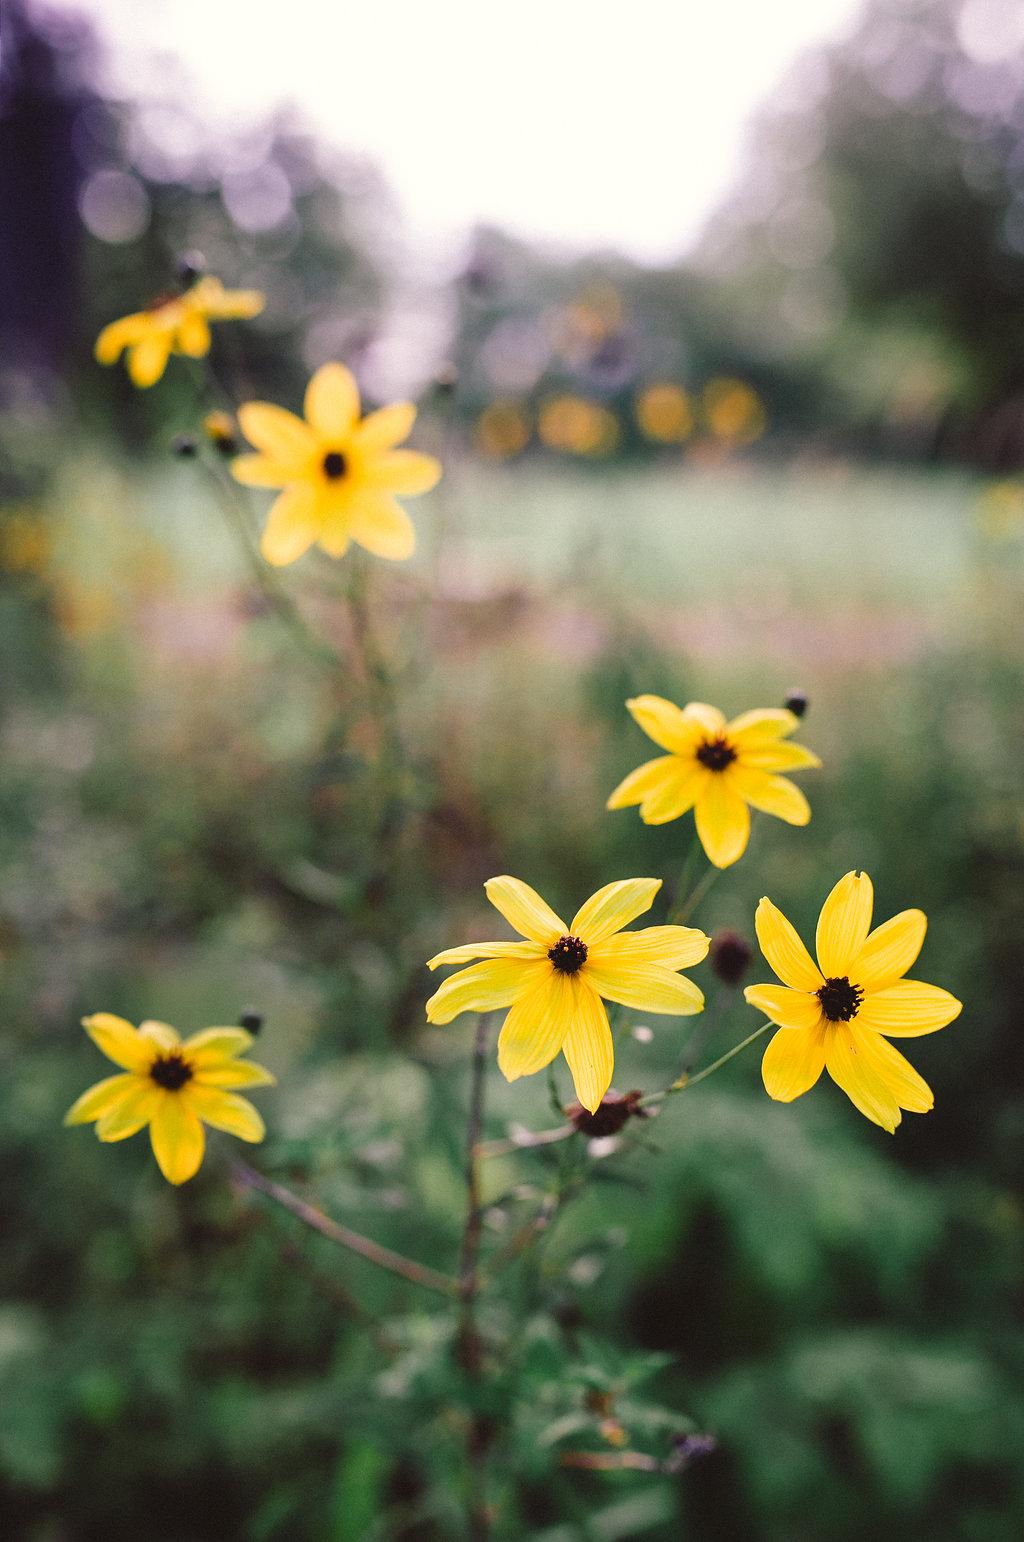 yellow flowers - Rochester Michigan photographer